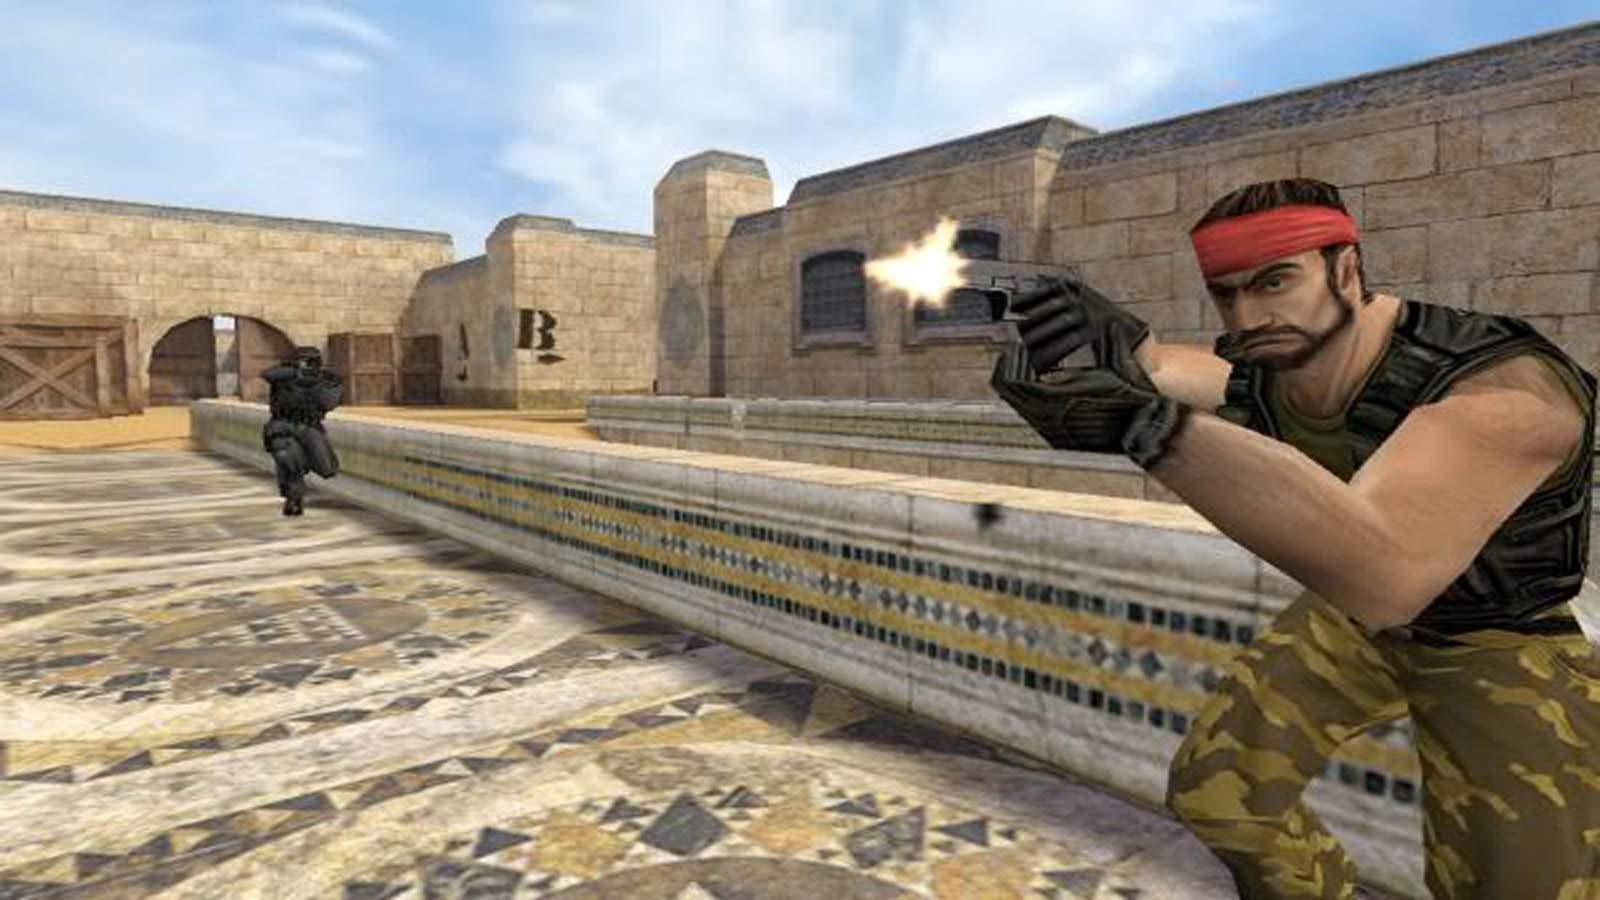 تحميل لعبة Counter Strike المطورة مضغوطة برابط واحد مباشر كاملة مجانا